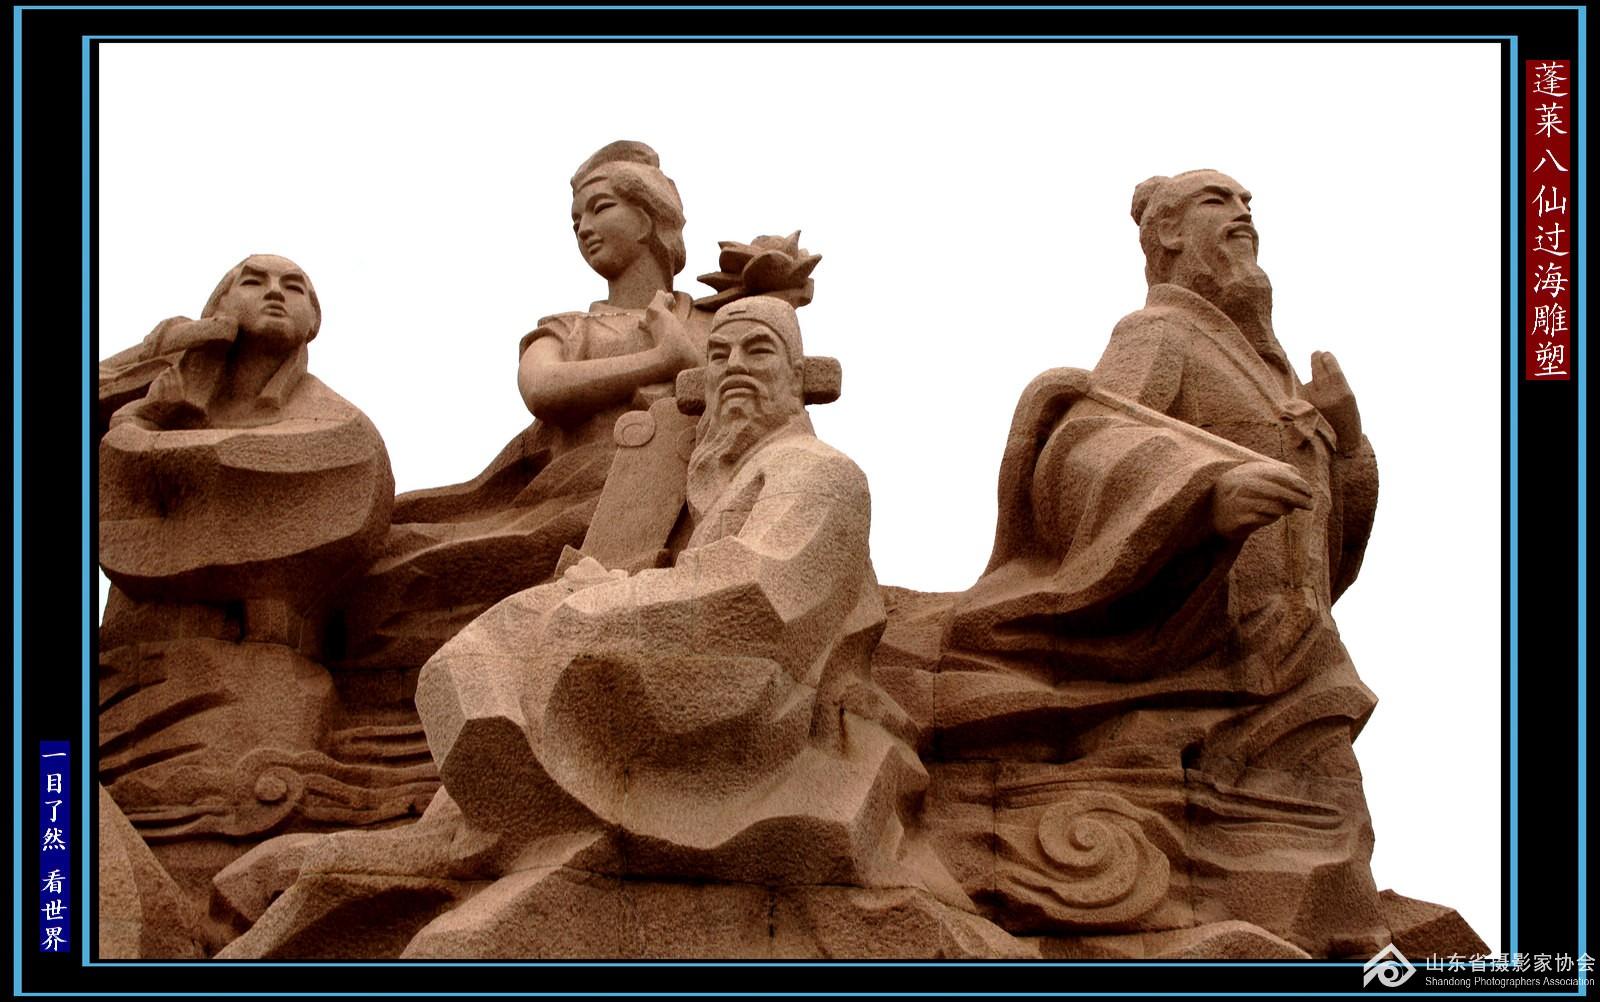 6 蓬莱海滨 八仙过海 雕塑 3